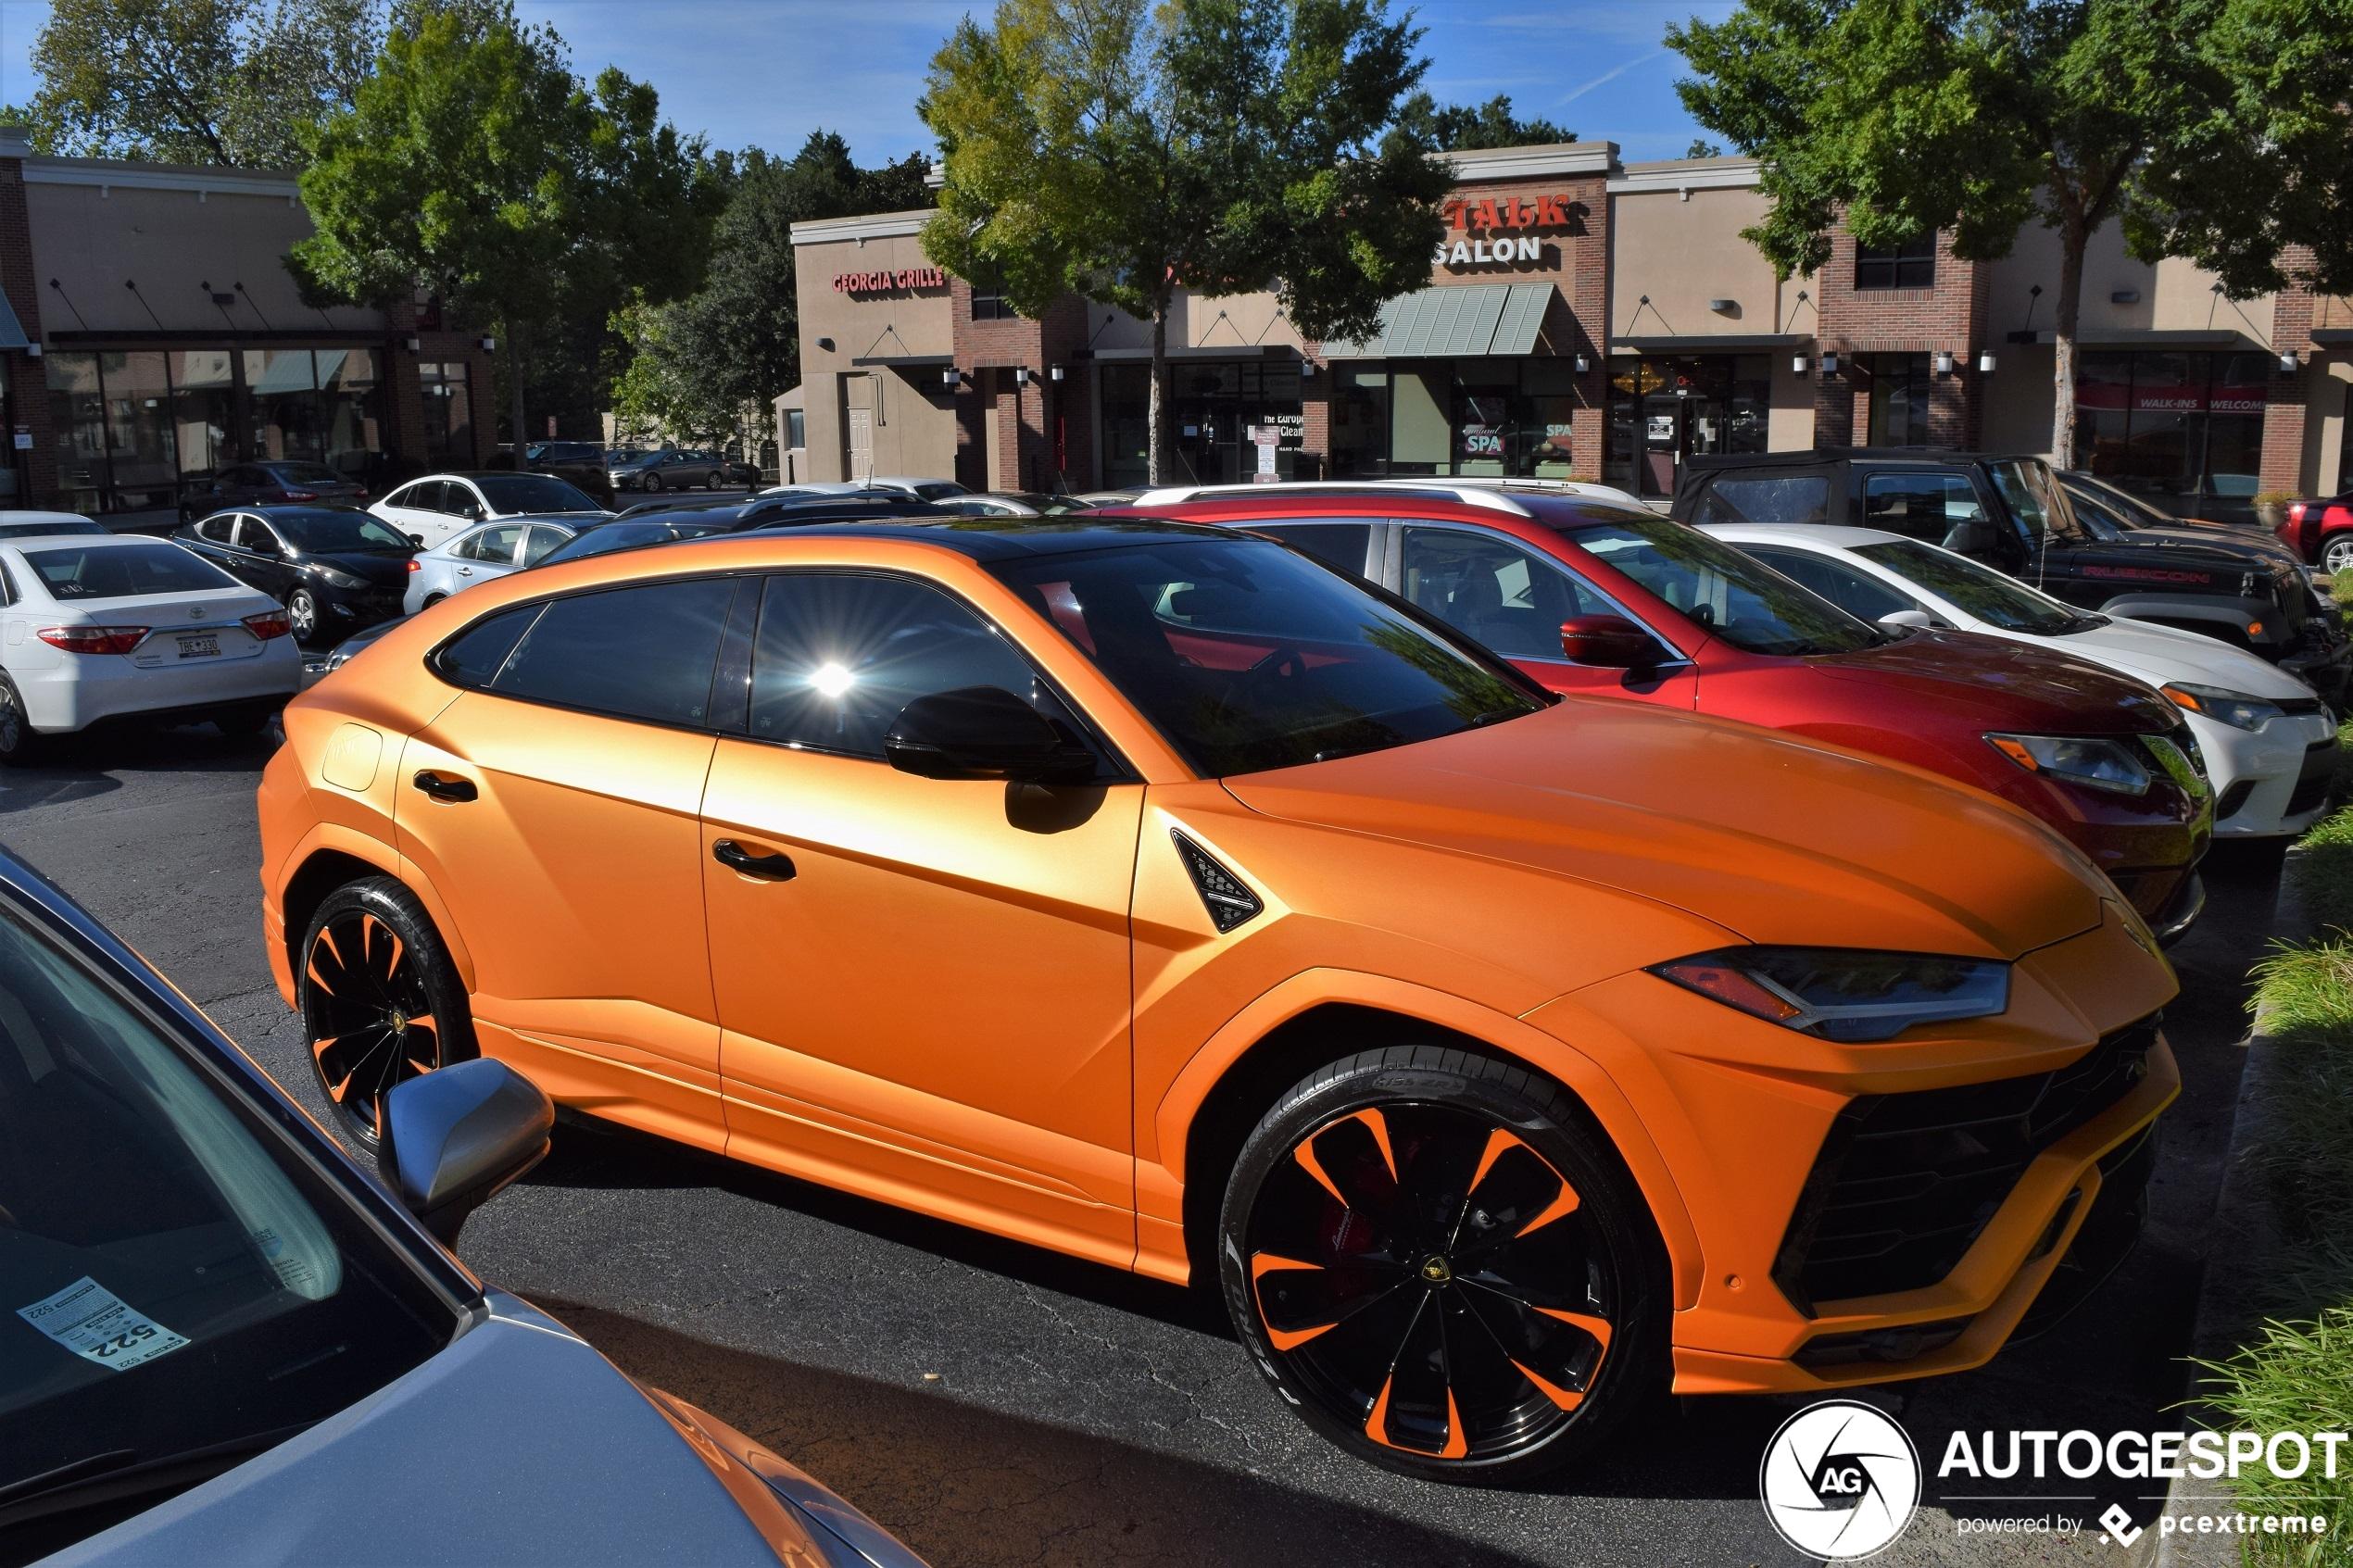 Iets teveel oranje op deze Lamborghini Urus,